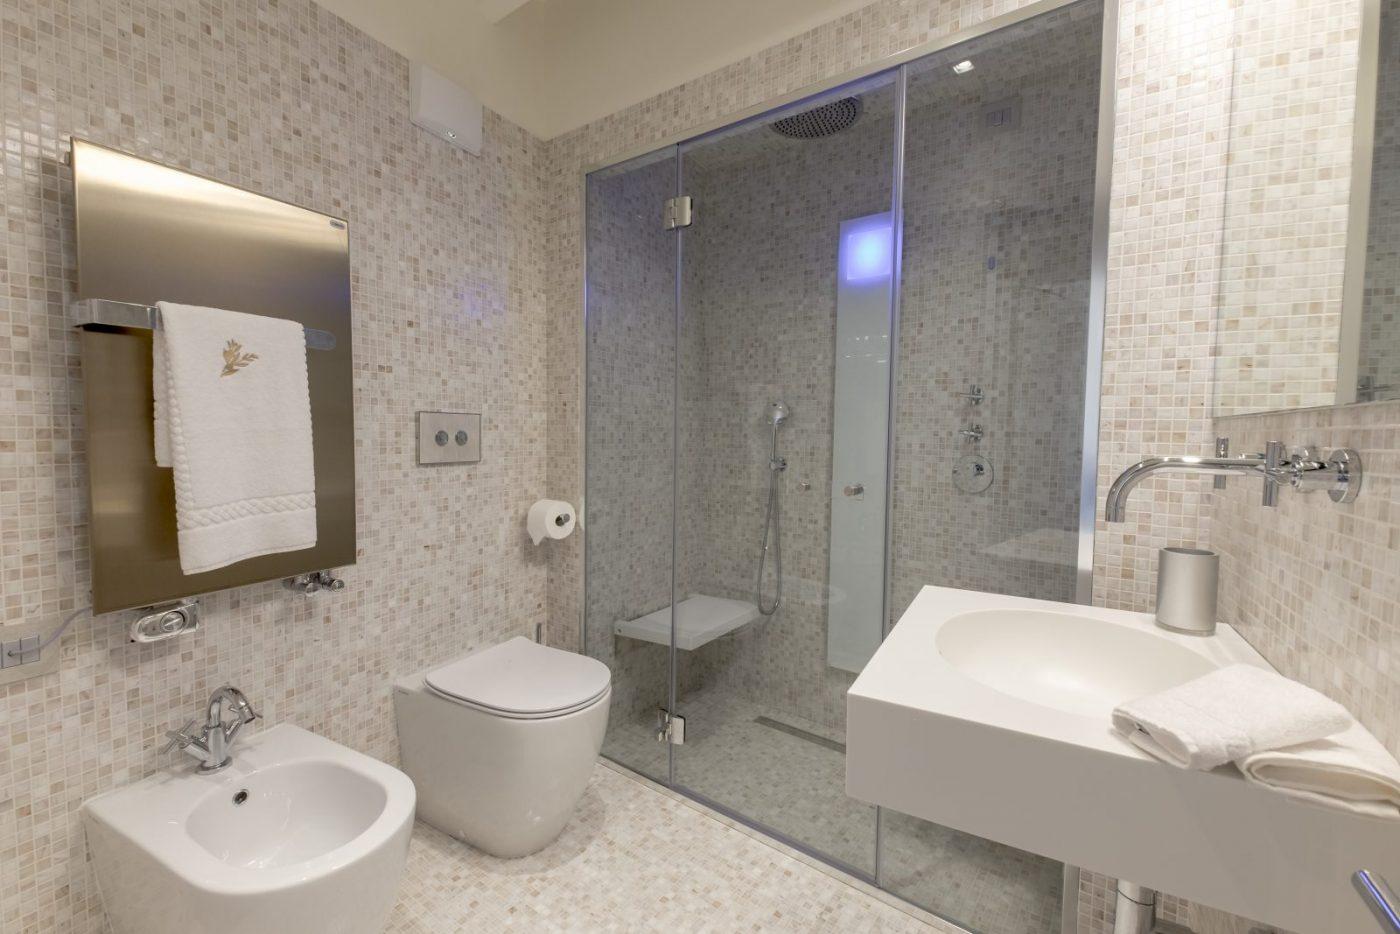 bagno-luxury-appartamento-coriandolo-doccia-design-lusso-arredamento-lavandino-mosaici-venezia-palazzo-morosini